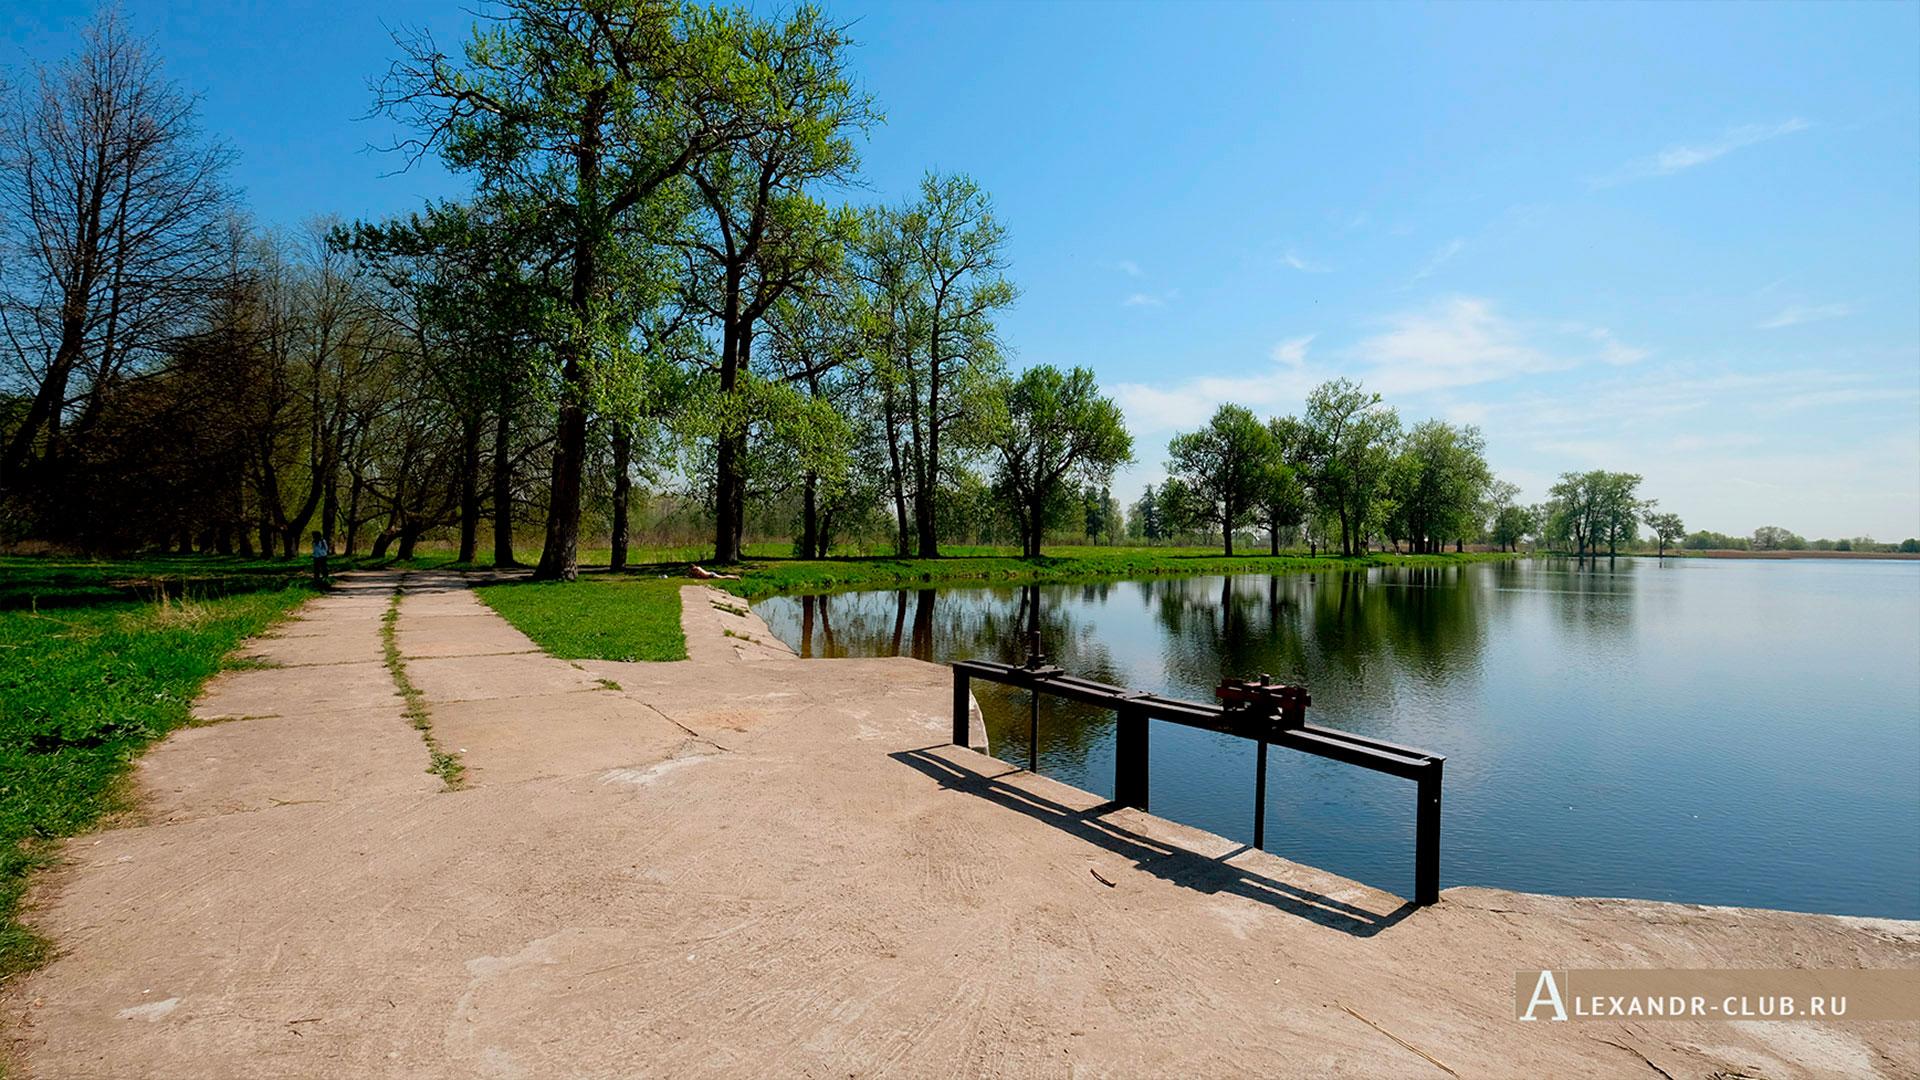 Петергоф, Луговой парк, весна, плотина на Бабигонском пруду